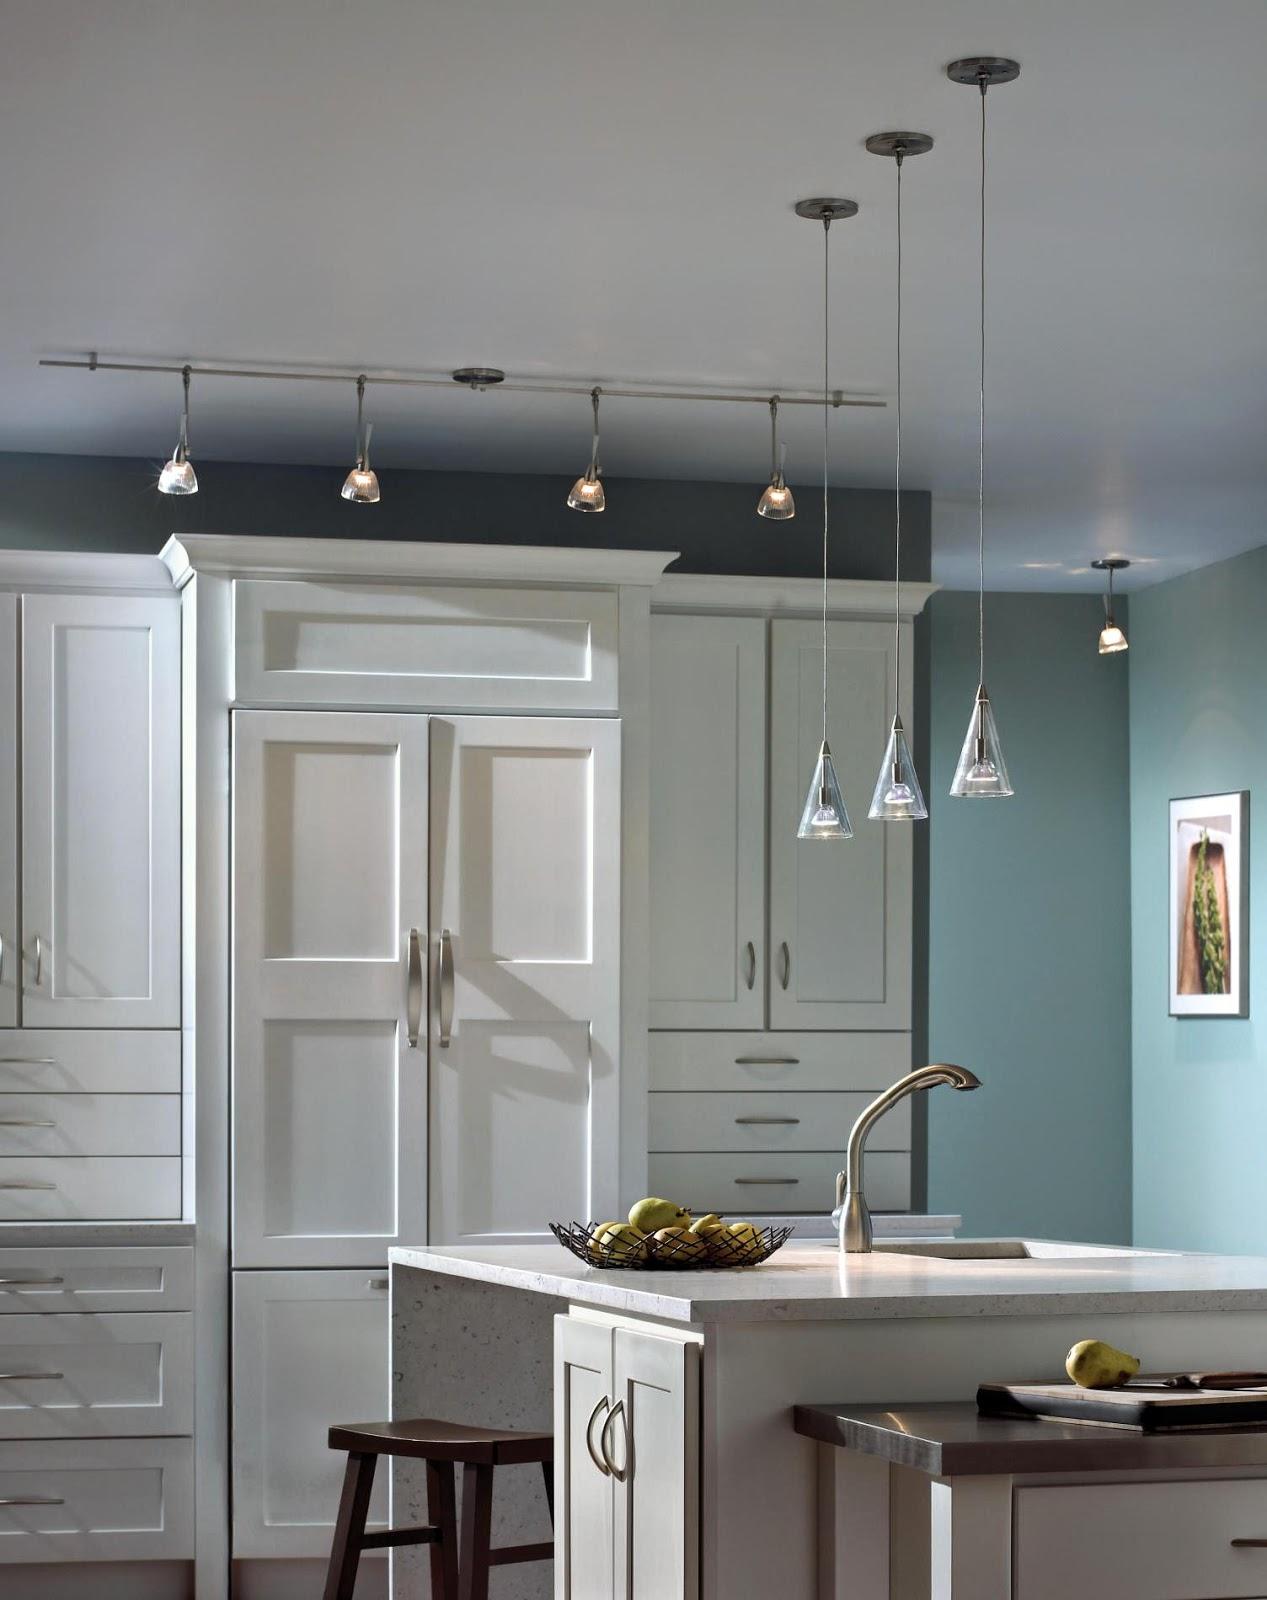 Multinotas lamparas de techo cocinas modernas - Lamparas de techo de diseno modernas ...